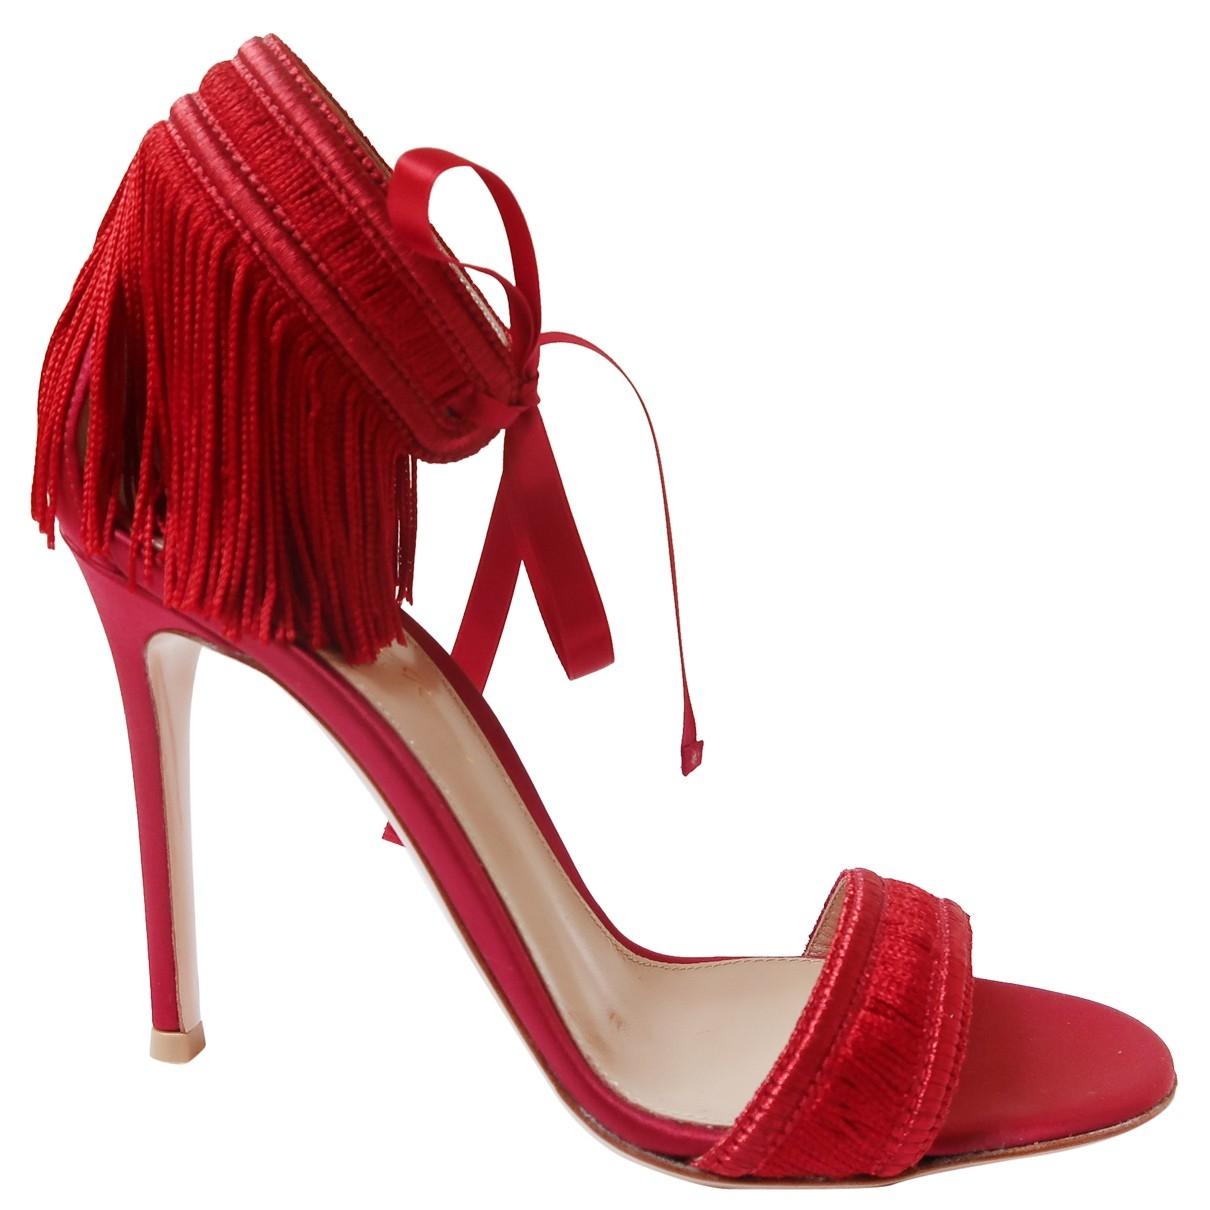 Gianvito Rossi Portofino Red Cloth Sandals for Women 35.5 IT